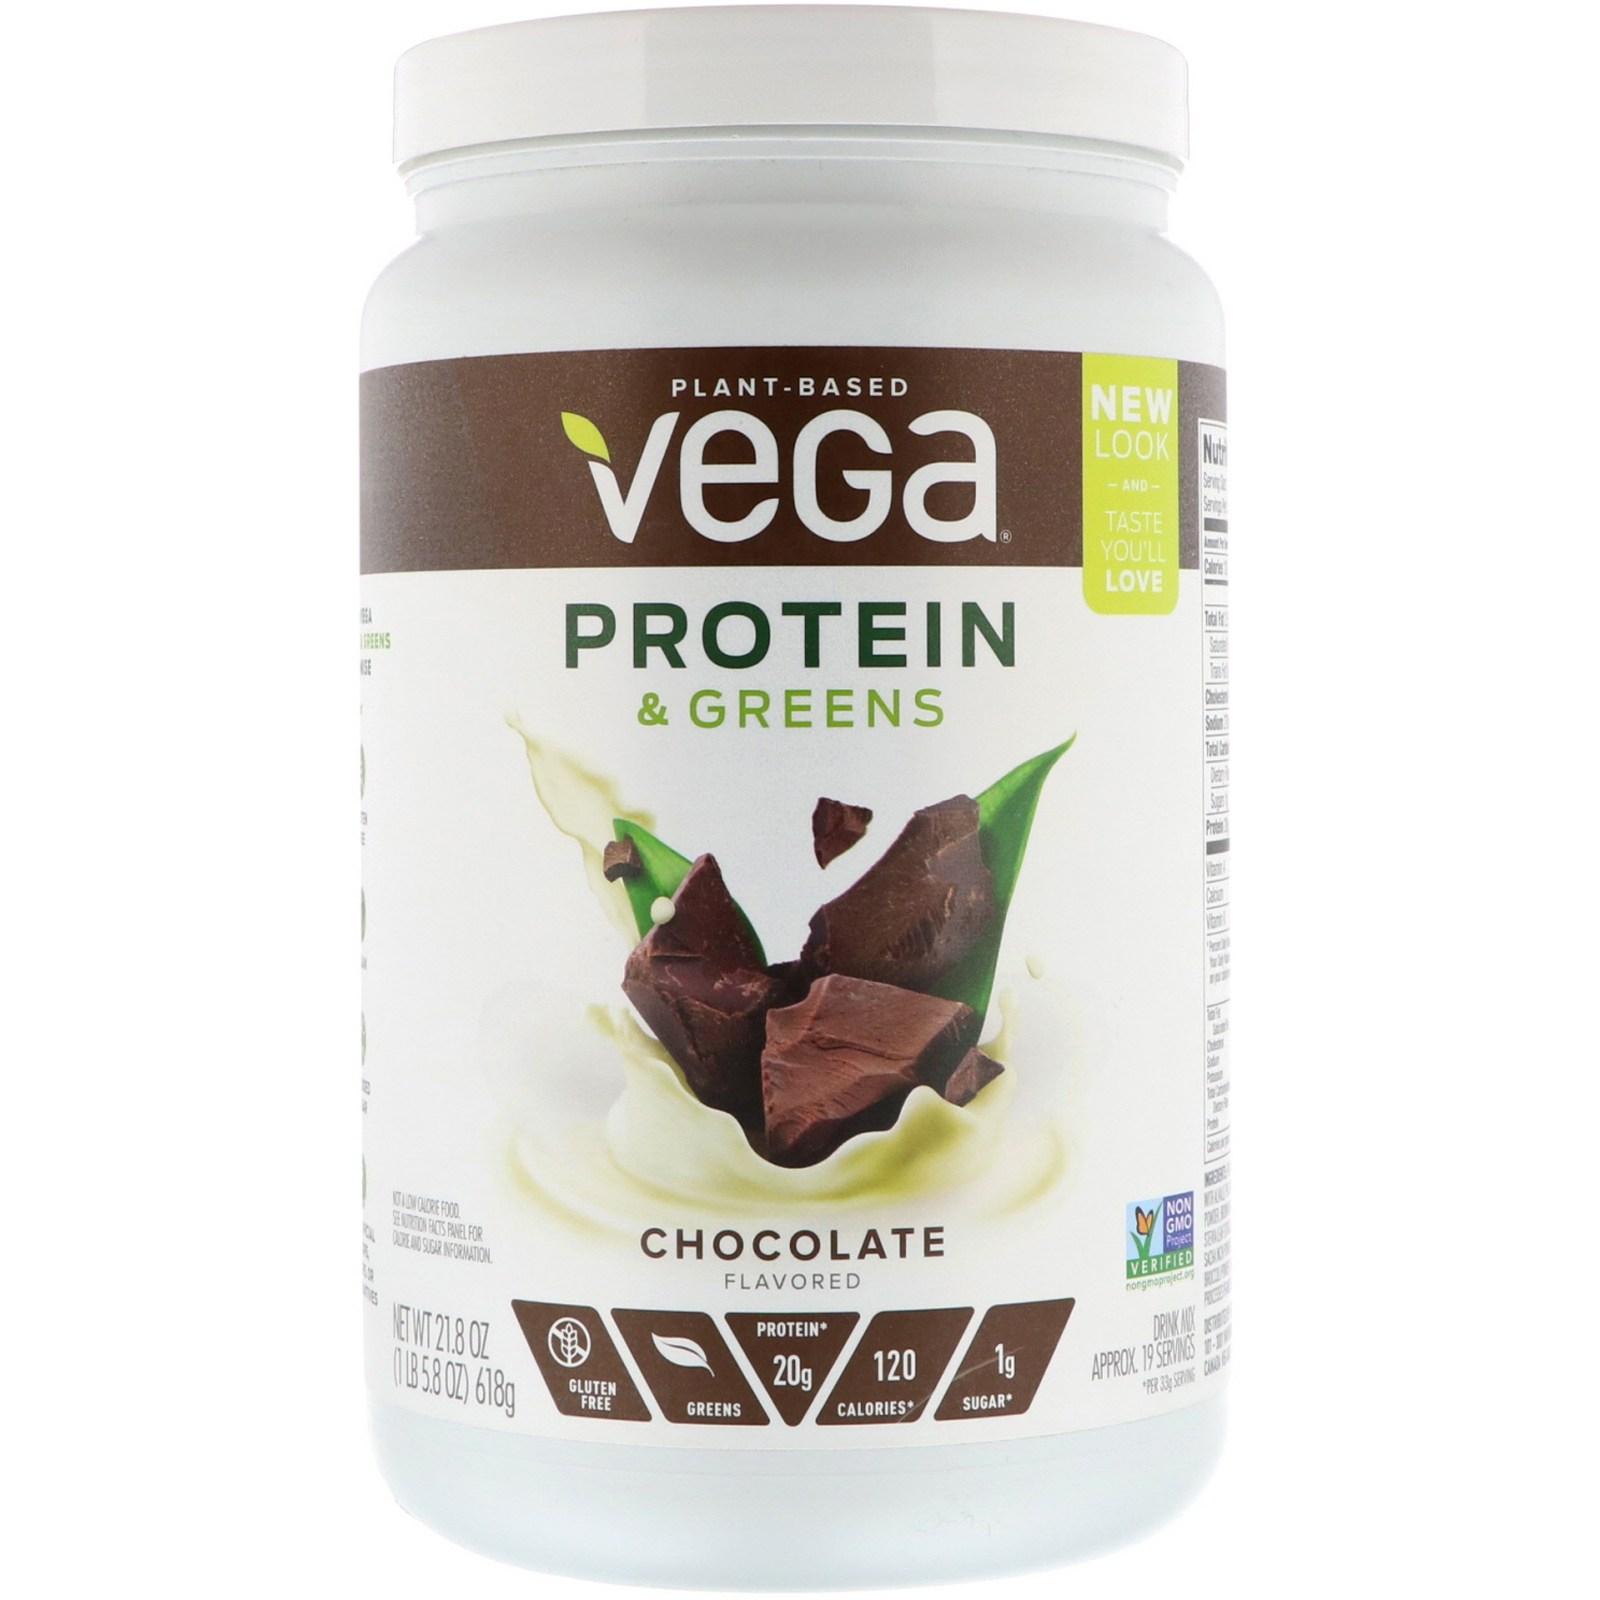 베가 프로틴 앤 그린스 초콜릿 맛 21.8 oz 618g 식물성 단백질, 1개, -